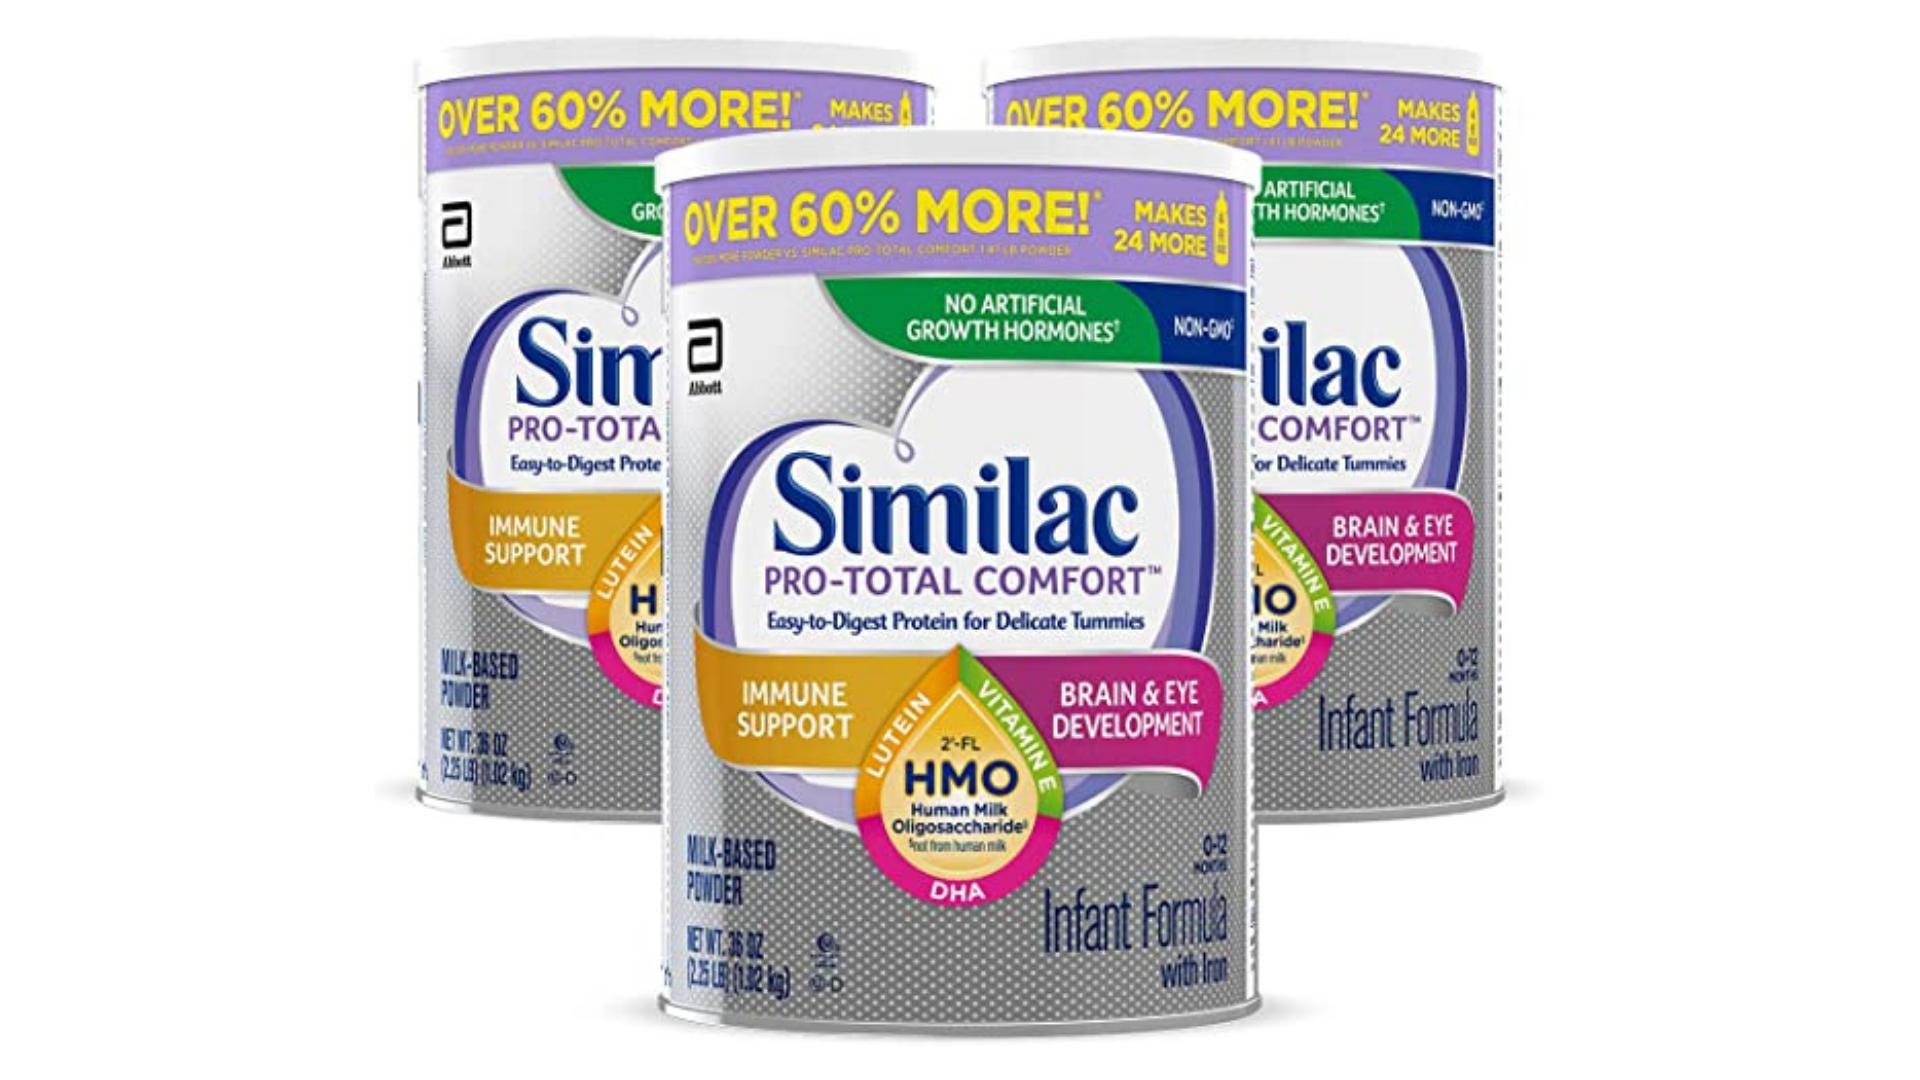 Similac Pro-Total